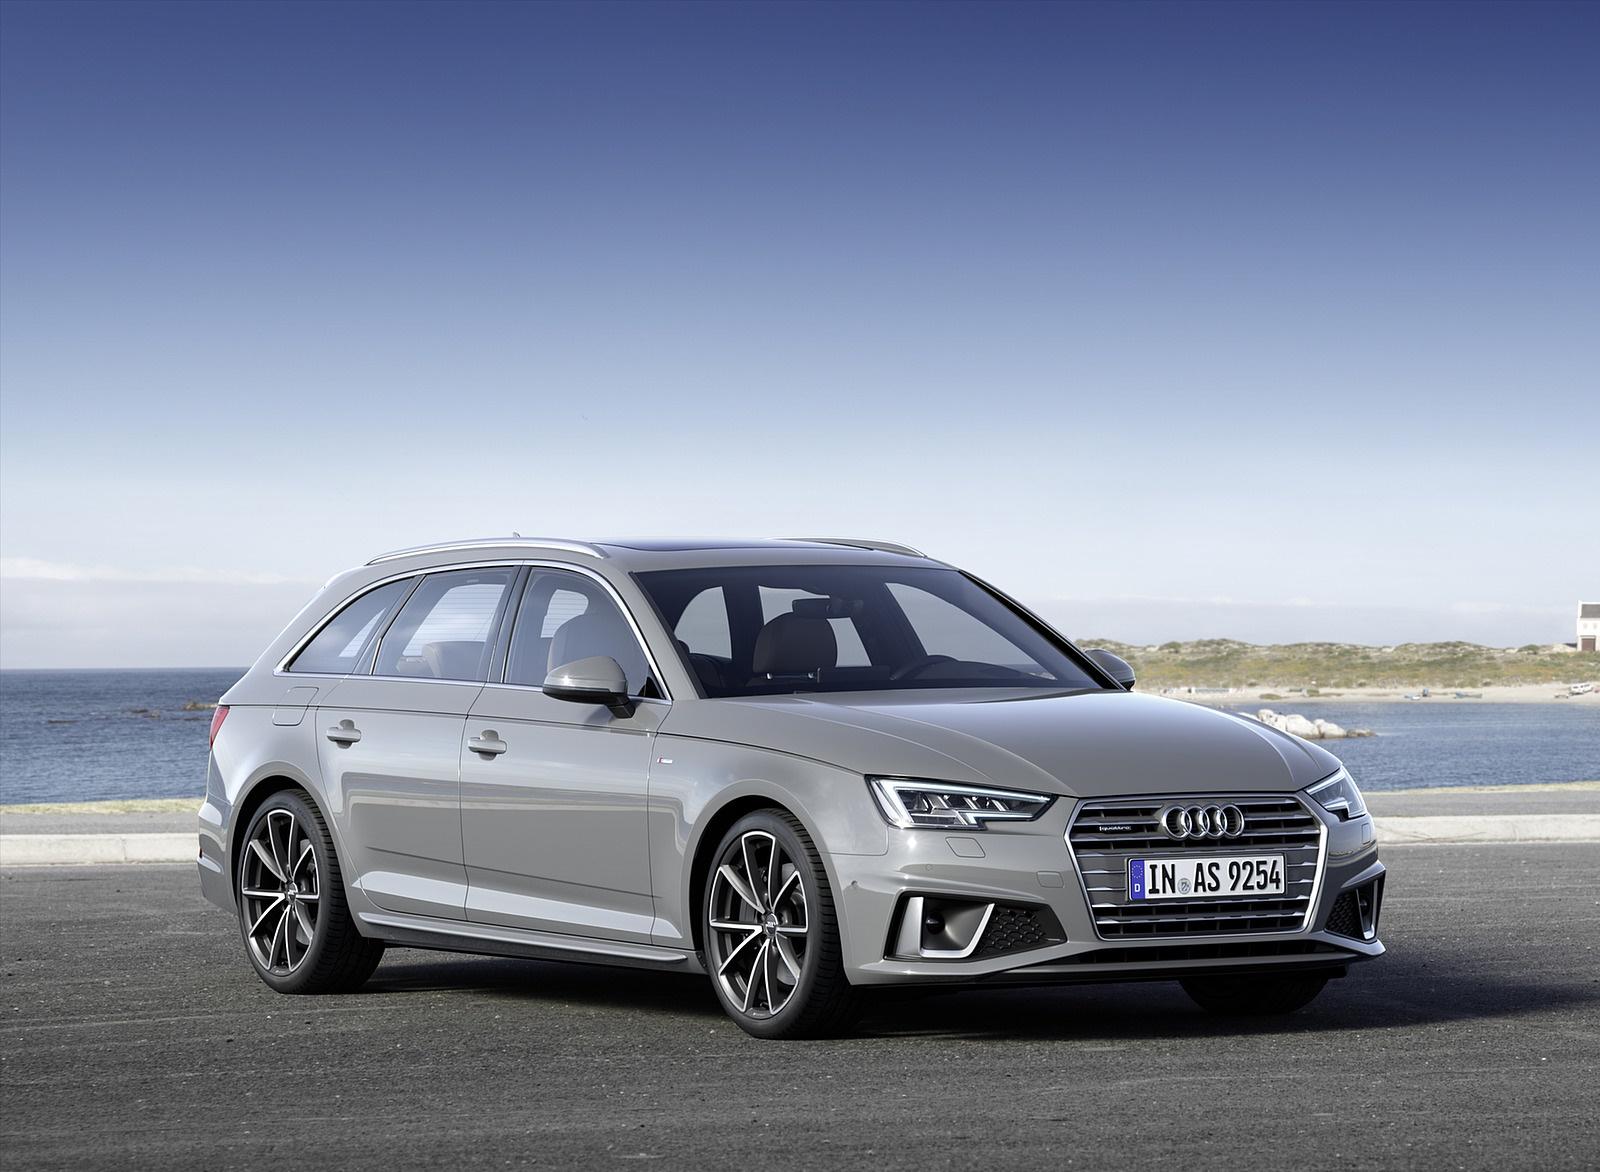 2019 Audi A4 Avant (Color: Quantum Gray) Front Three-Quarter Wallpapers (10)